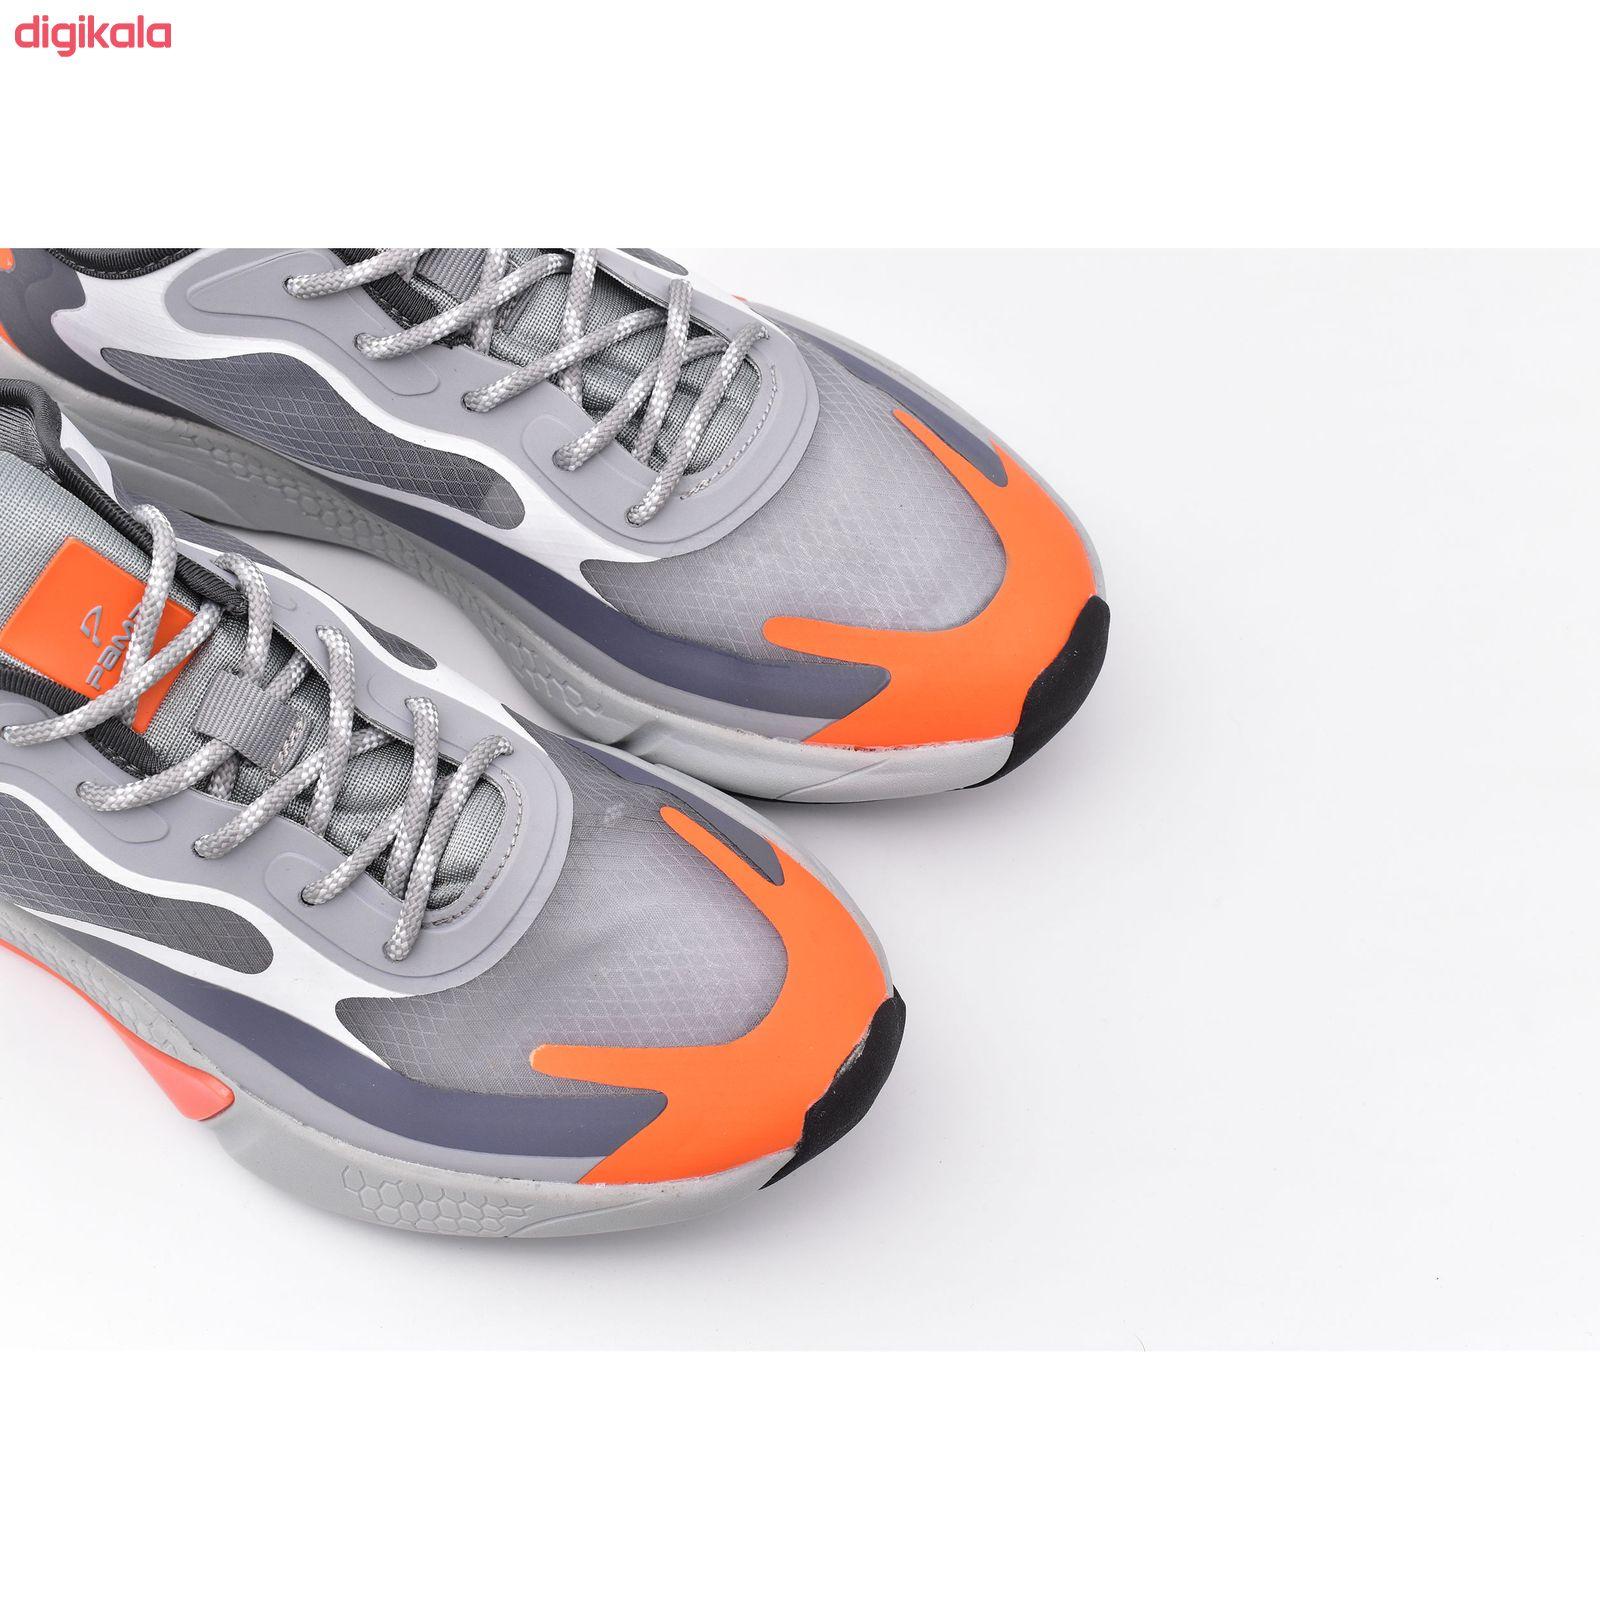 کفش پیاده روی مردانه پاما مدل ساموئل کد G1421 main 1 2